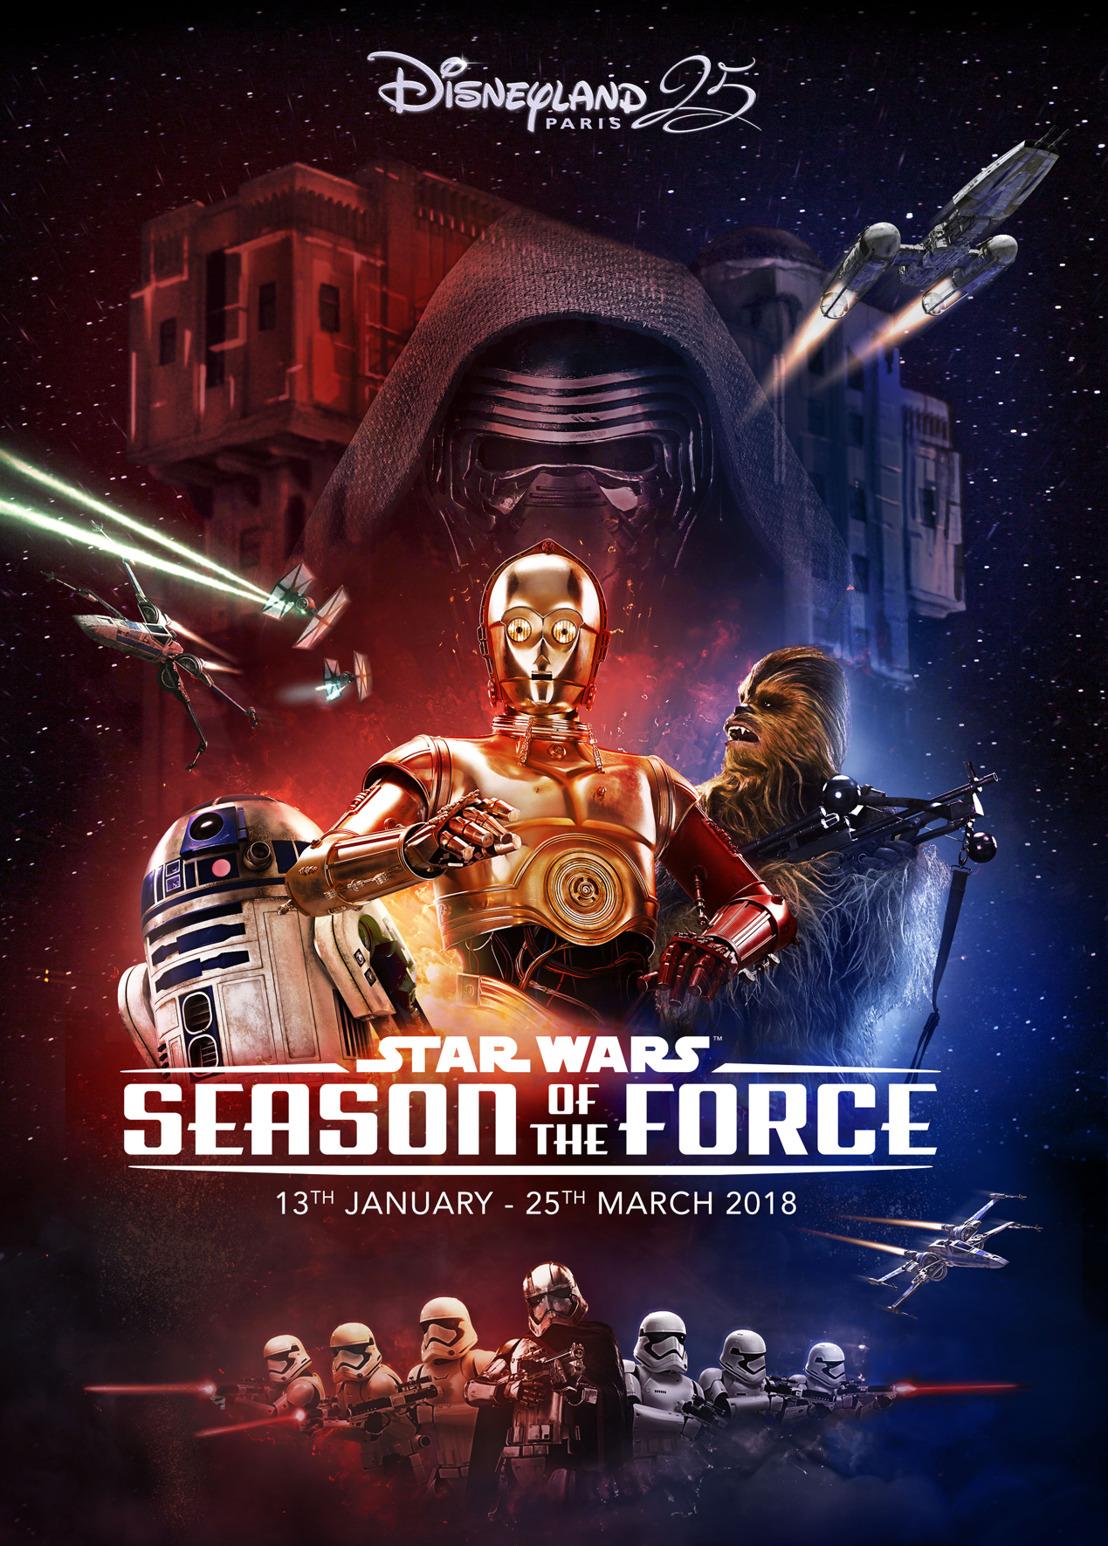 Het STAR WARS seizoen back in FORCE in Disneyland® Paris!